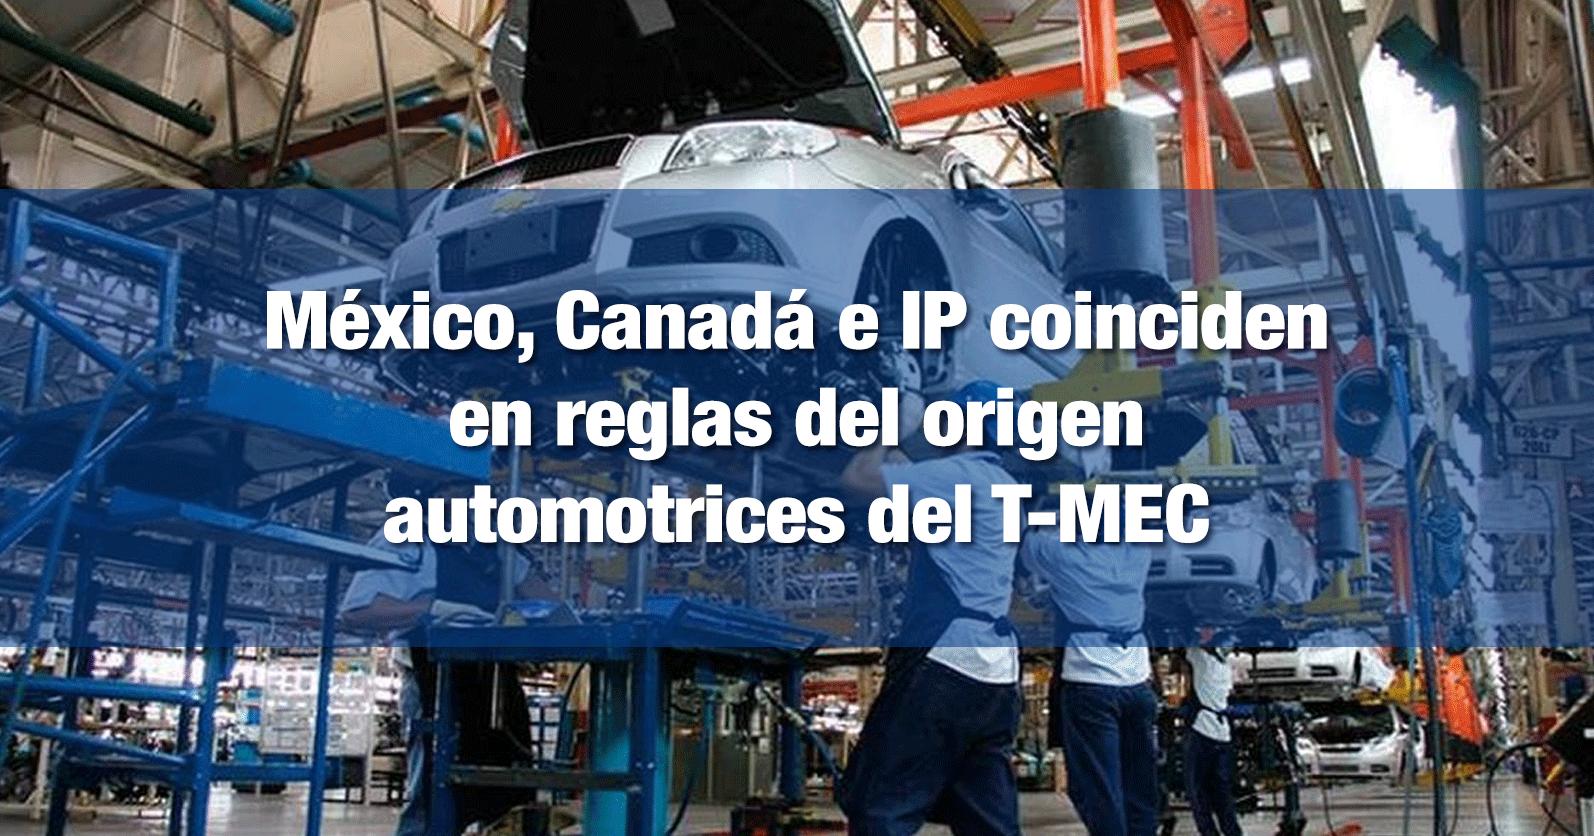 México, Canadá e IP coinciden en reglas del origen automotrices del T-MEC